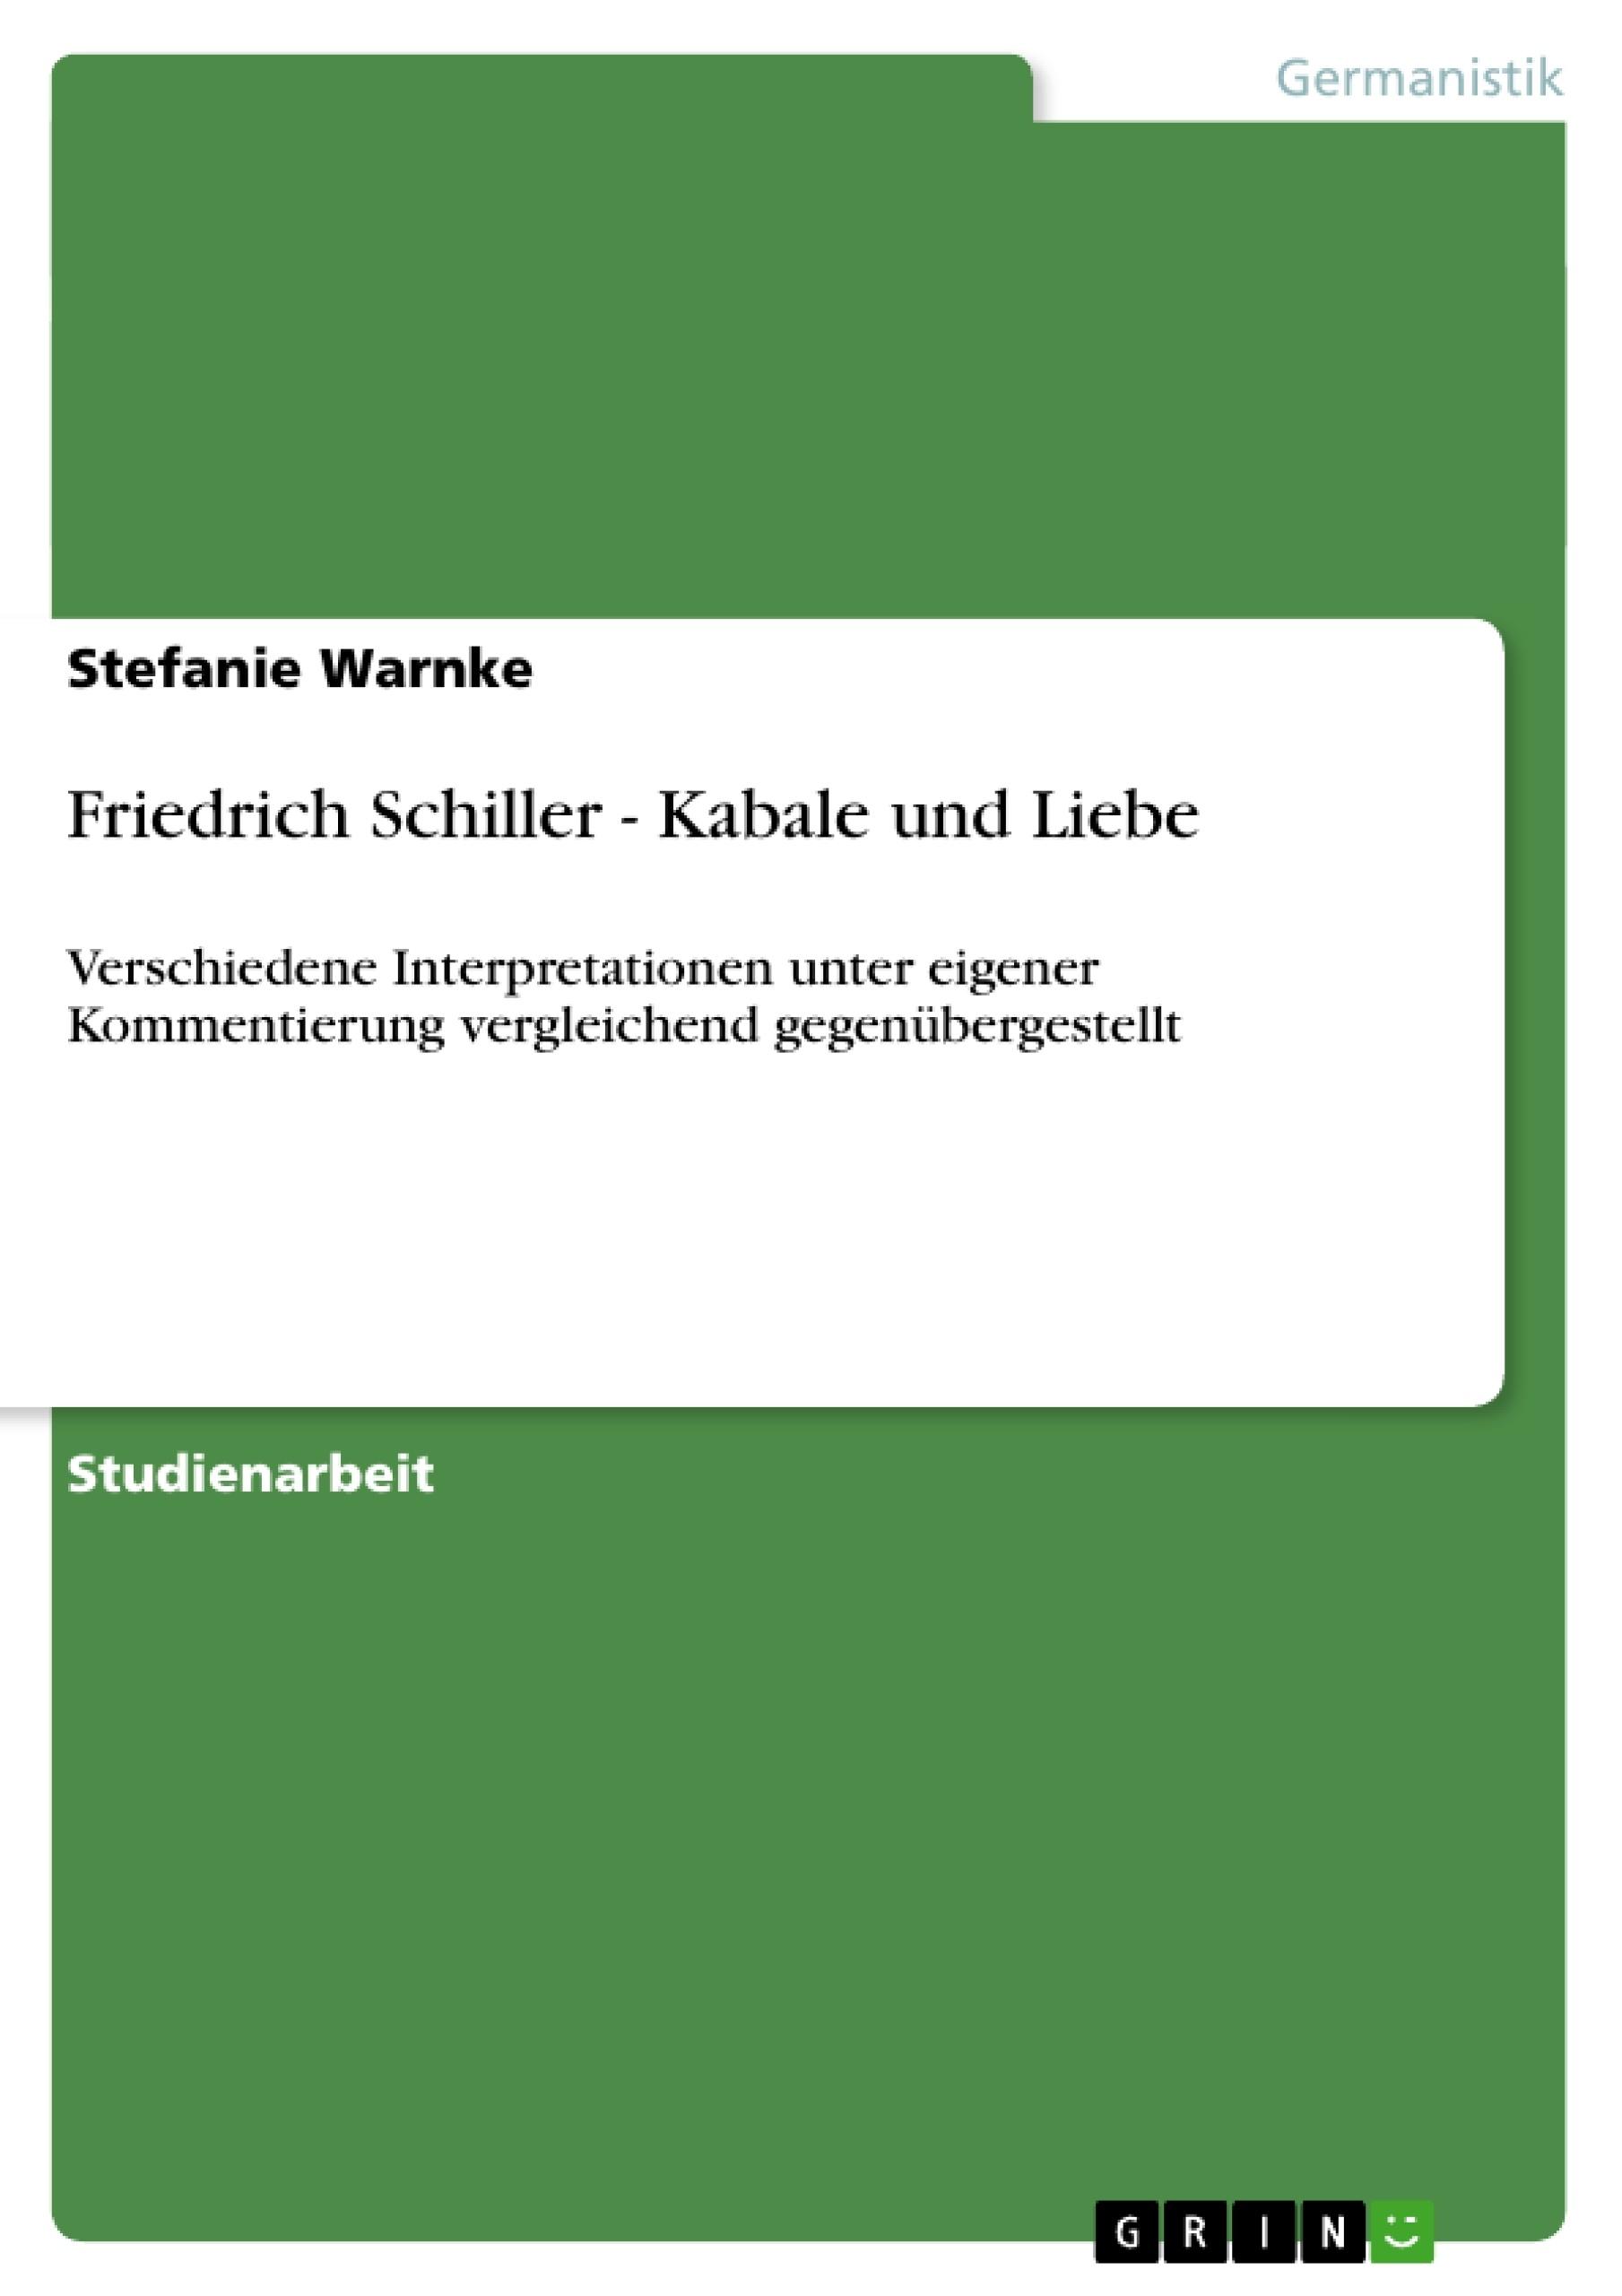 Titel: Friedrich Schiller - Kabale und Liebe